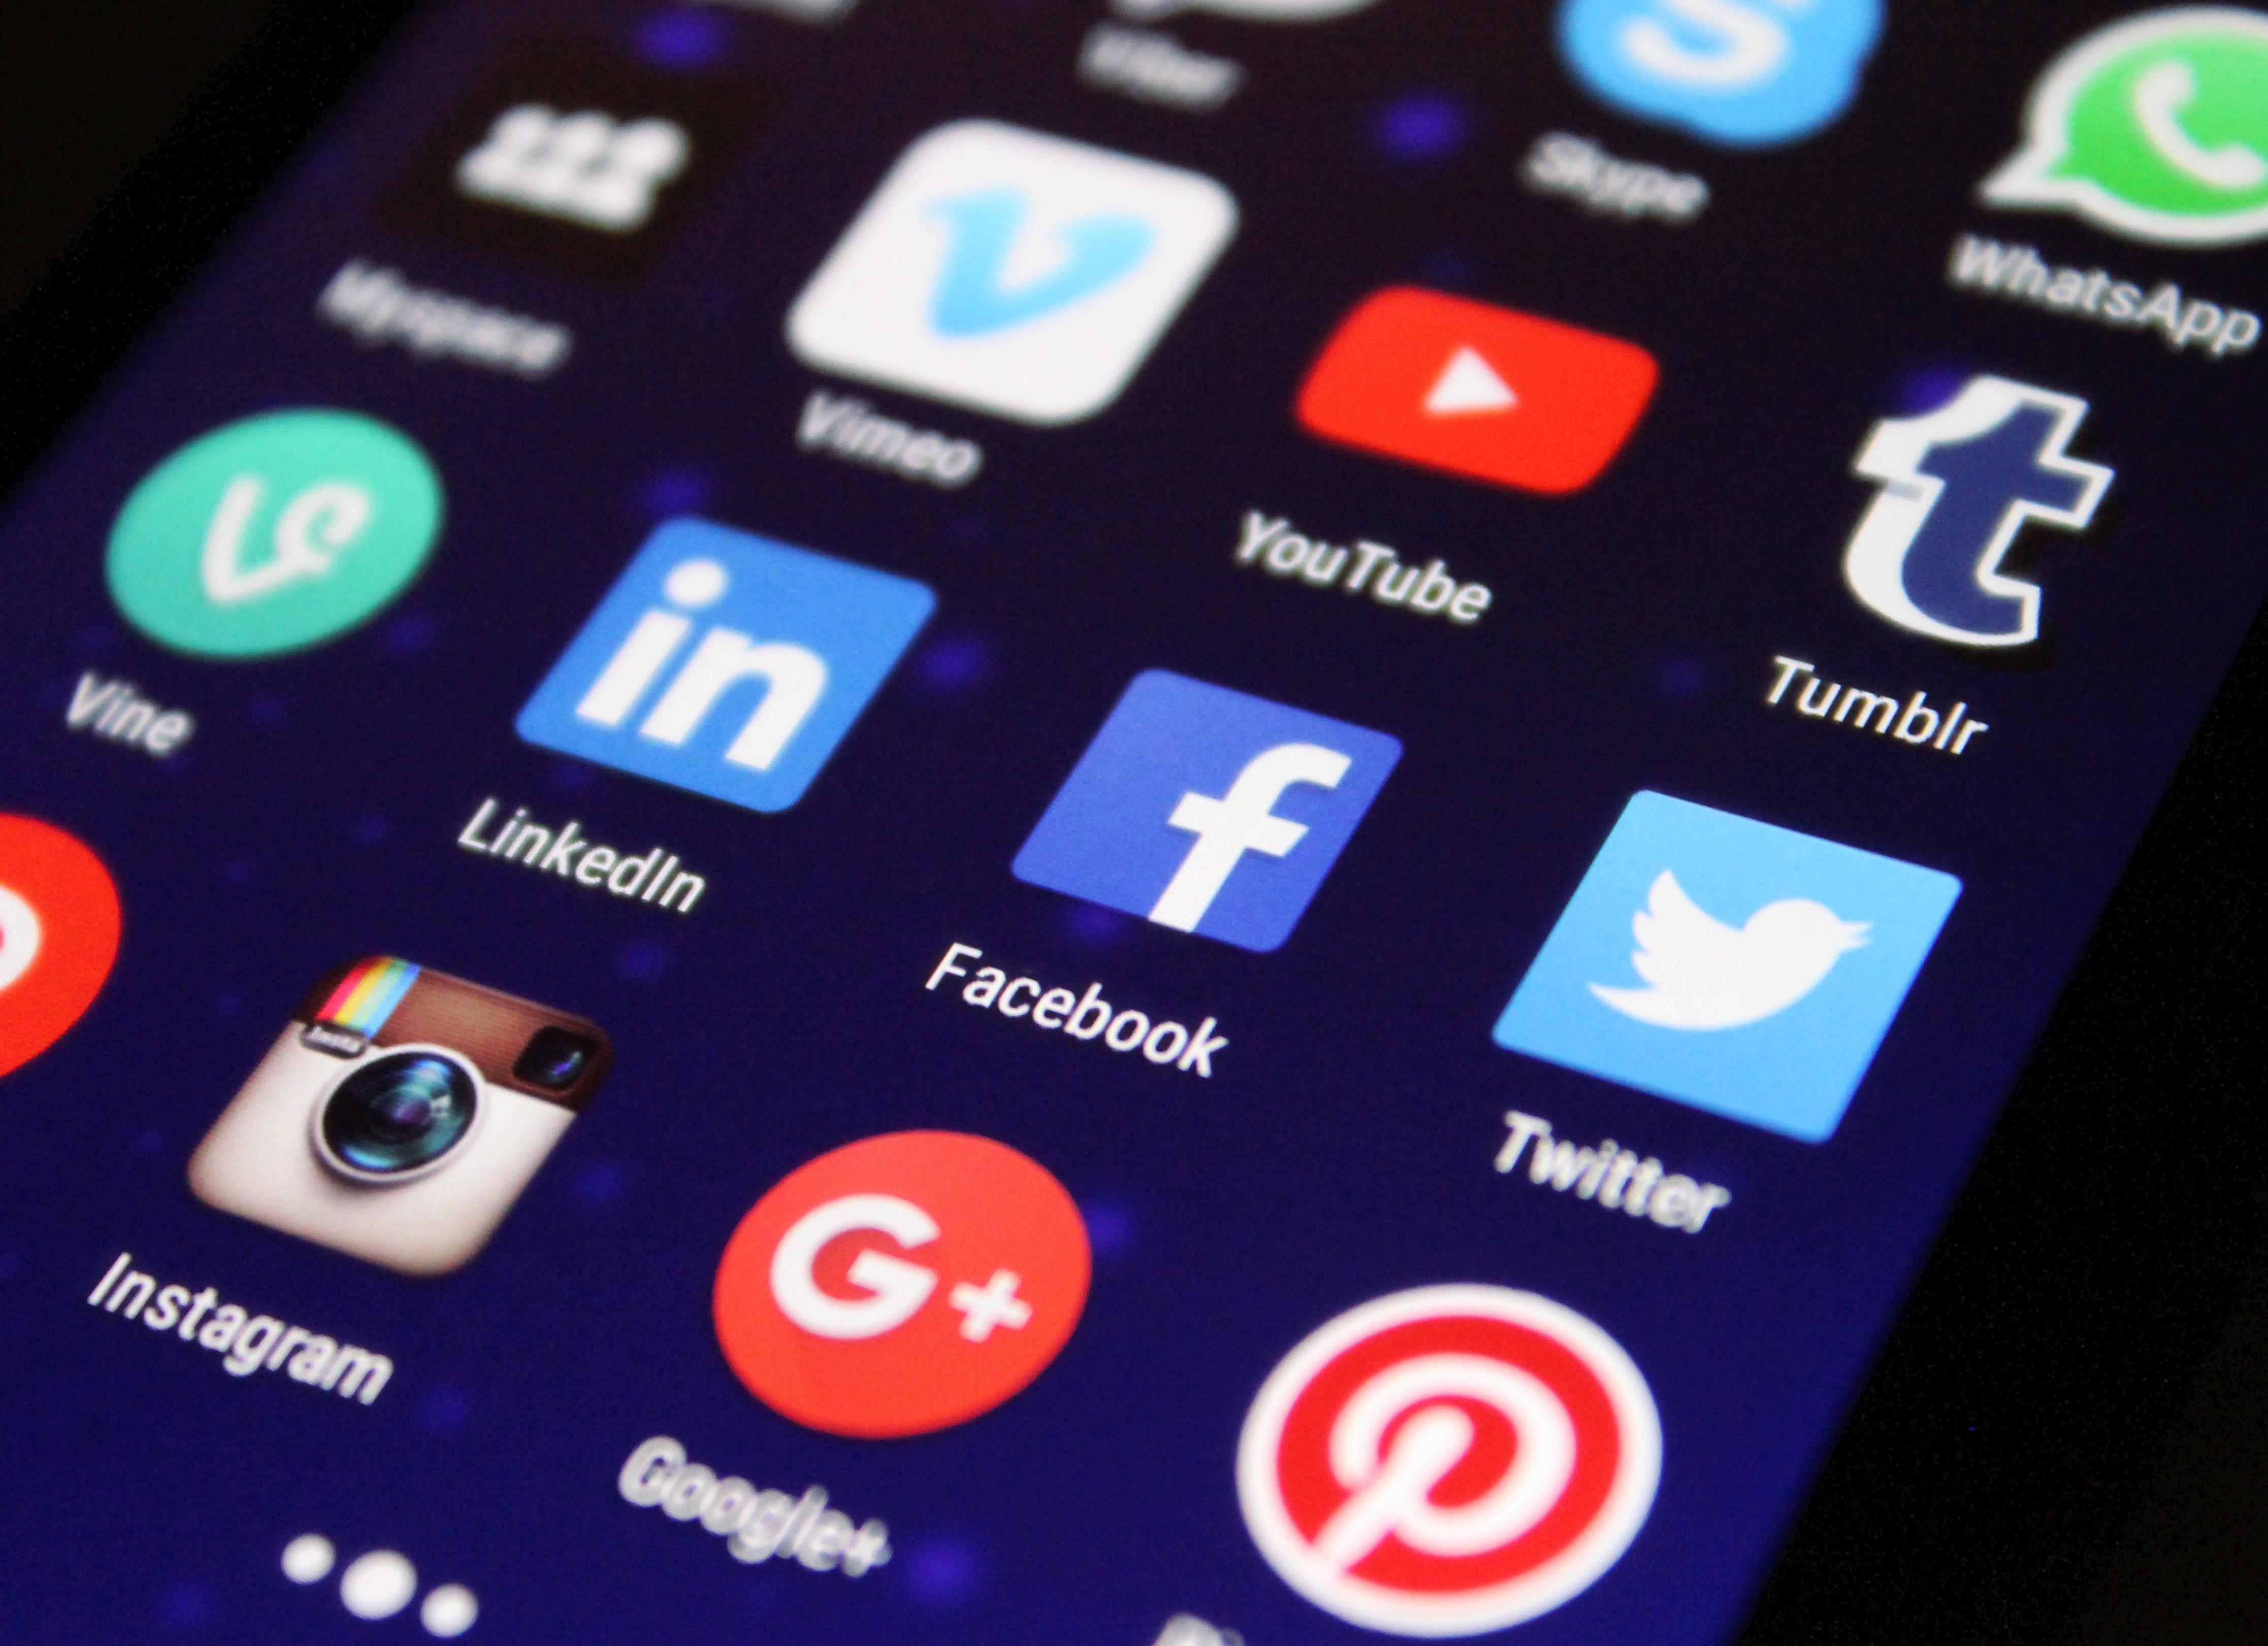 Internautas estão usando mais aplicativos e redes sociais para fazer compras - Notícias - Plantão Diário